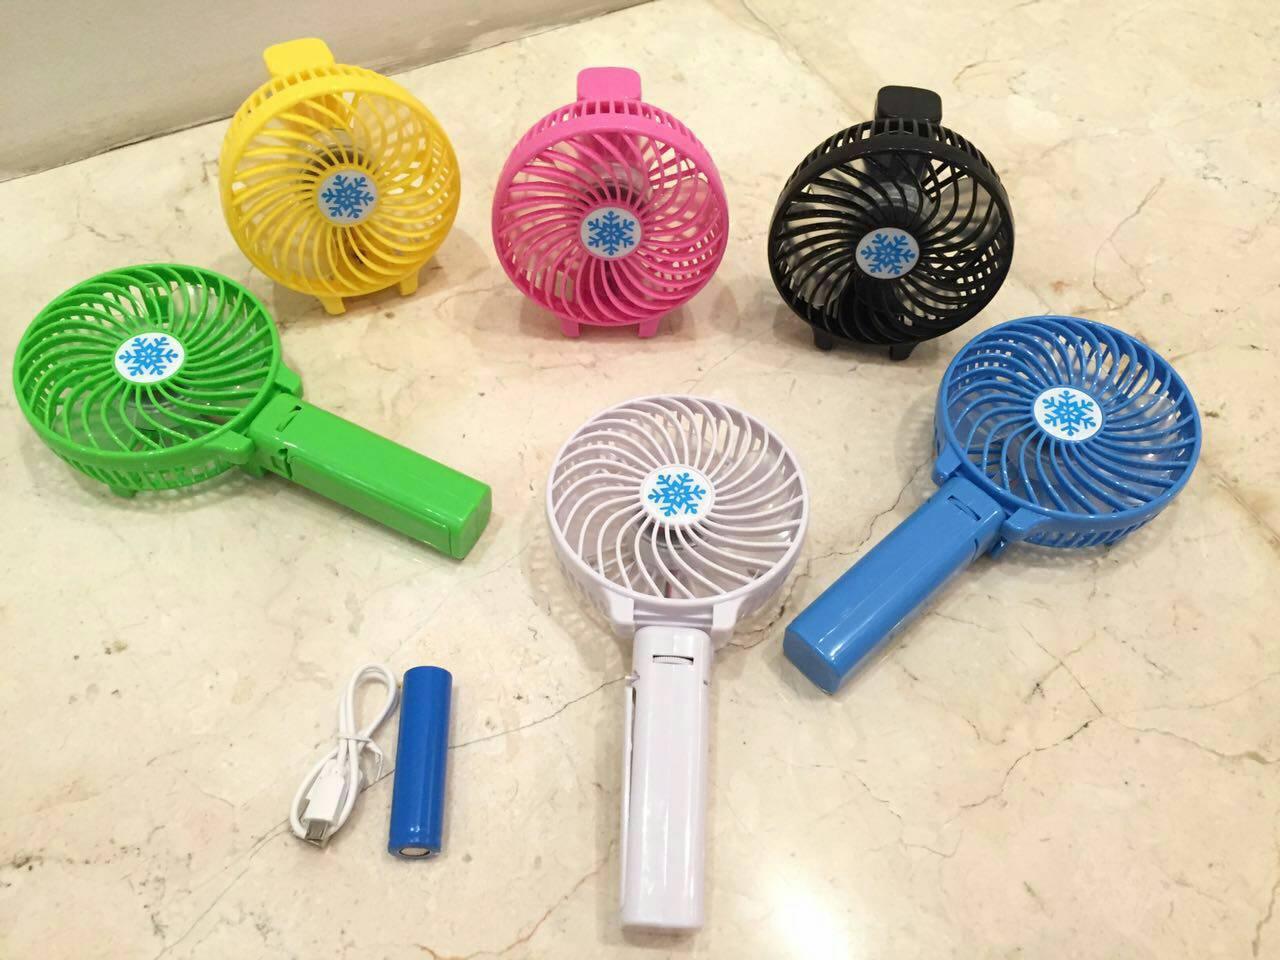 Jual Kipas Angin Mini Dengan Gagang Chargeable Taro Store Tokopedia Fan Portable